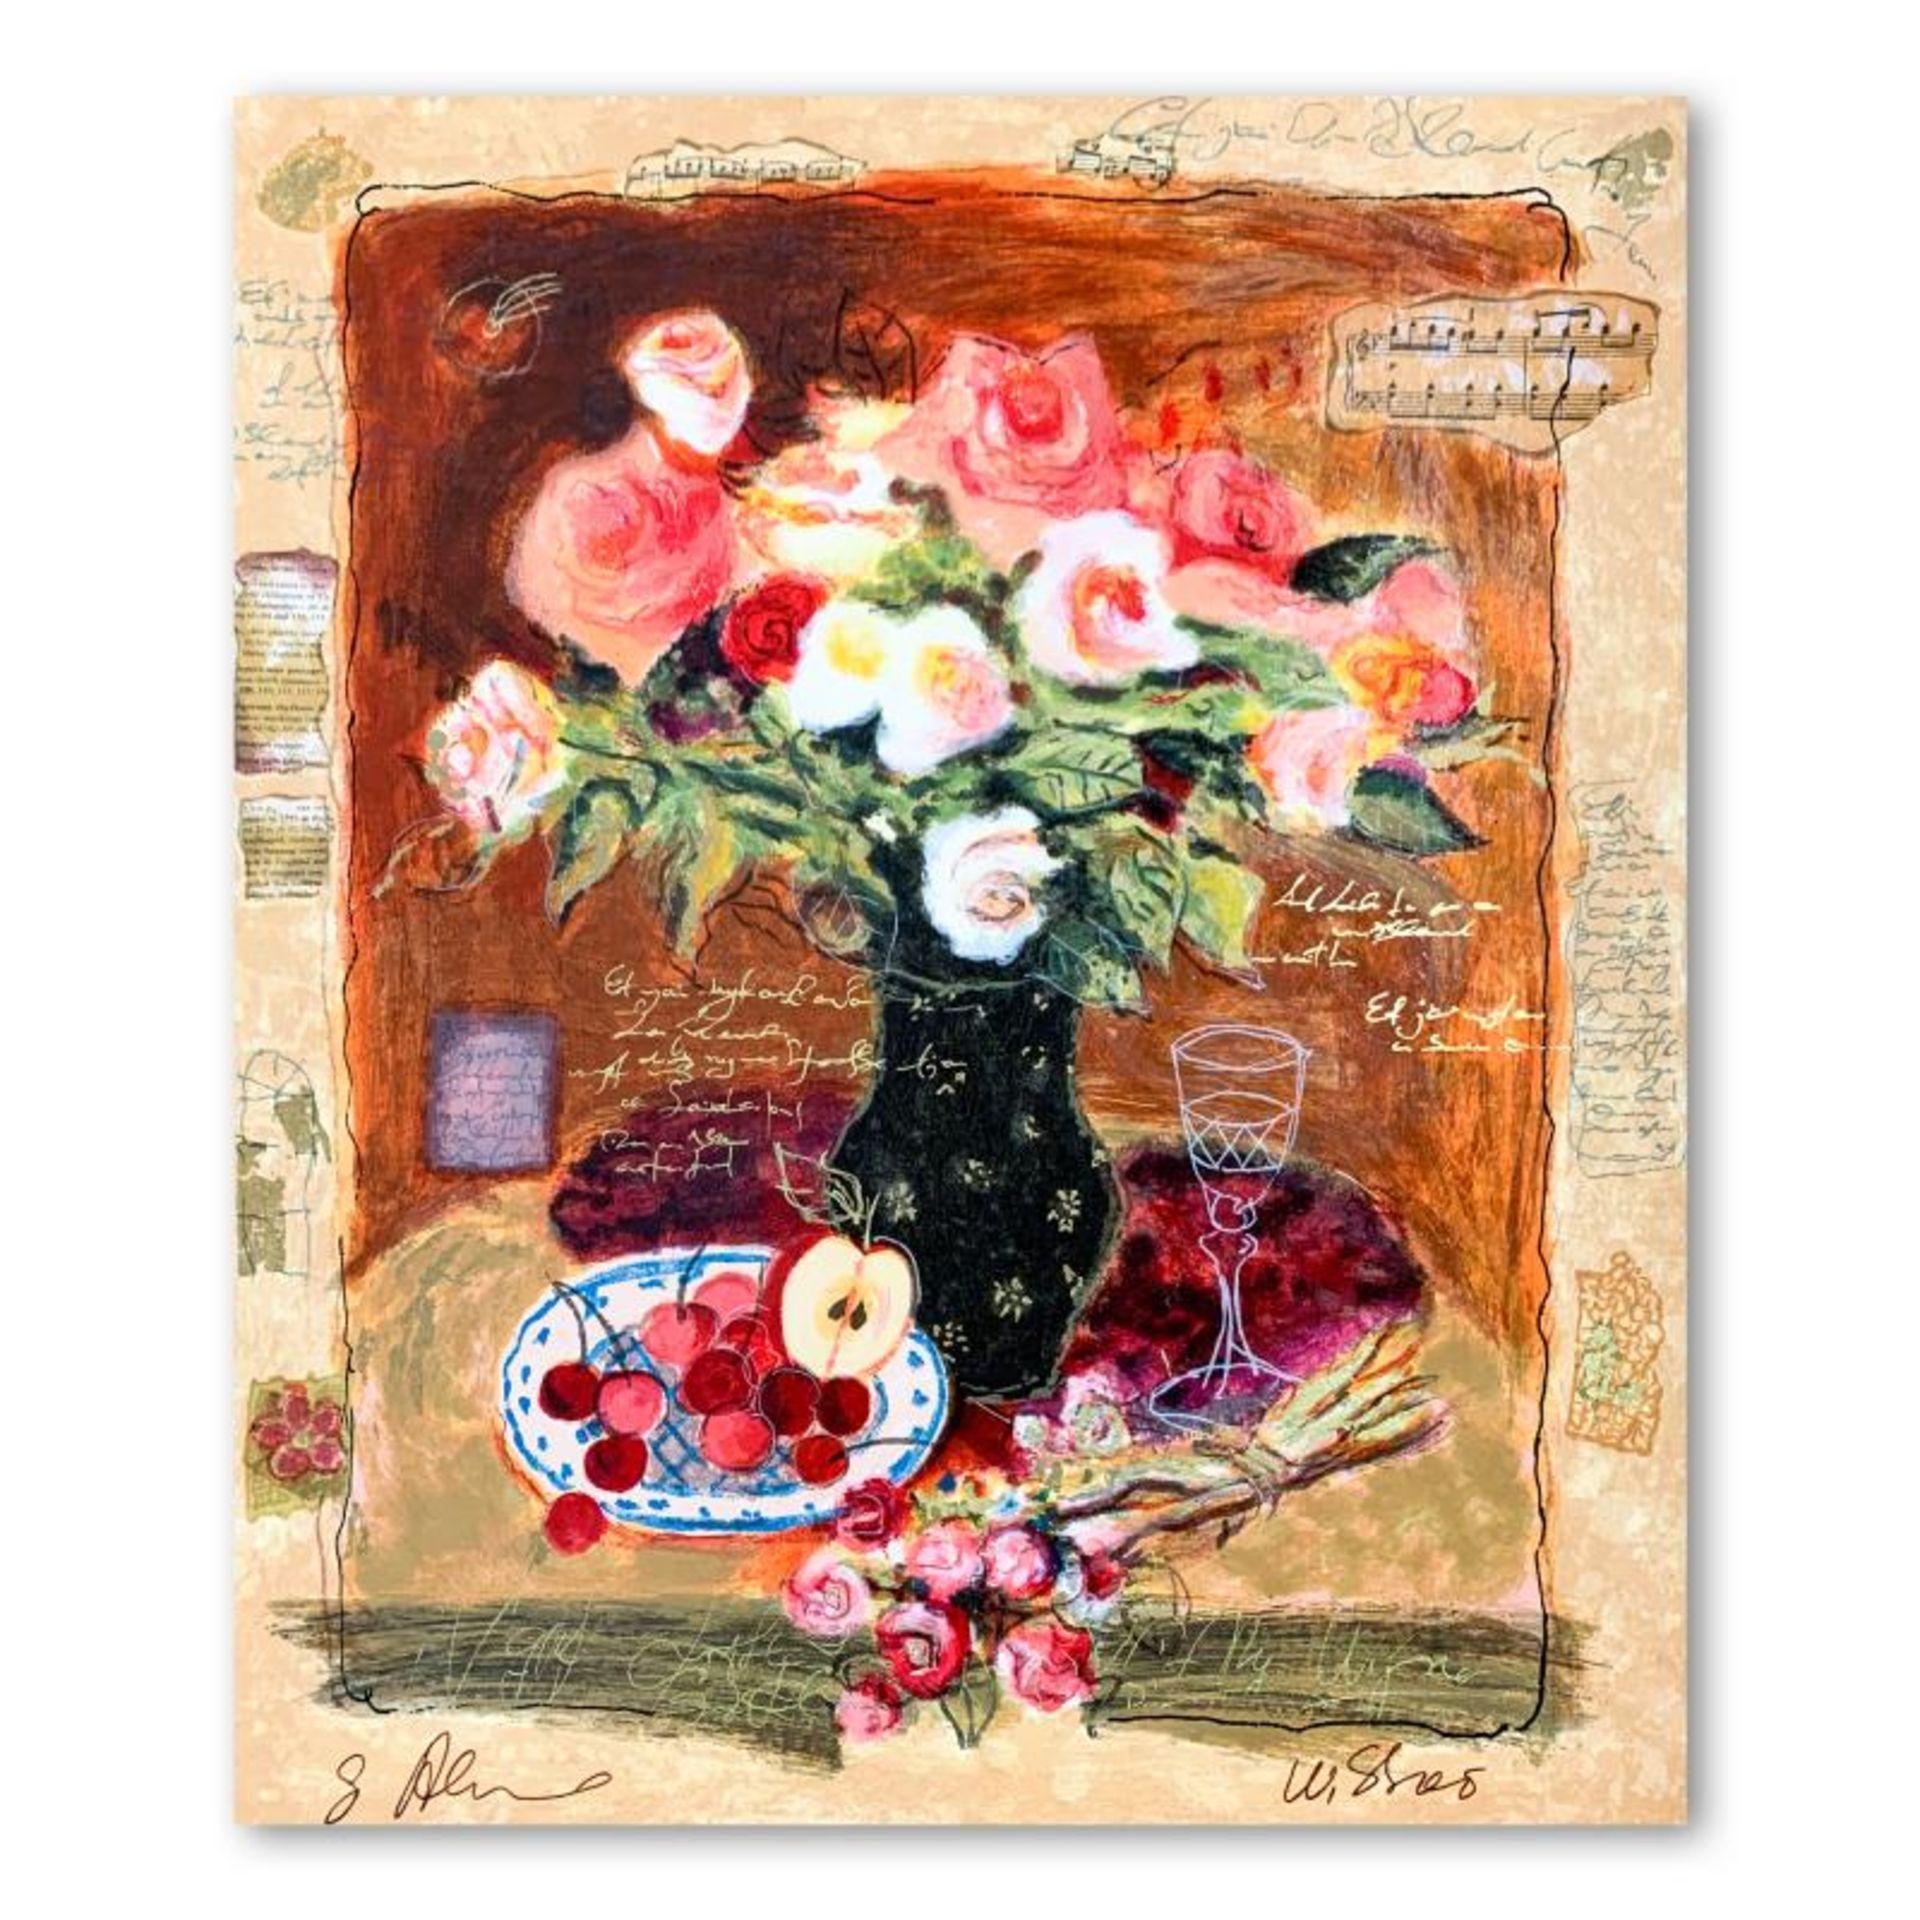 Flowers & Fruit II by Alexander & Wissotzky